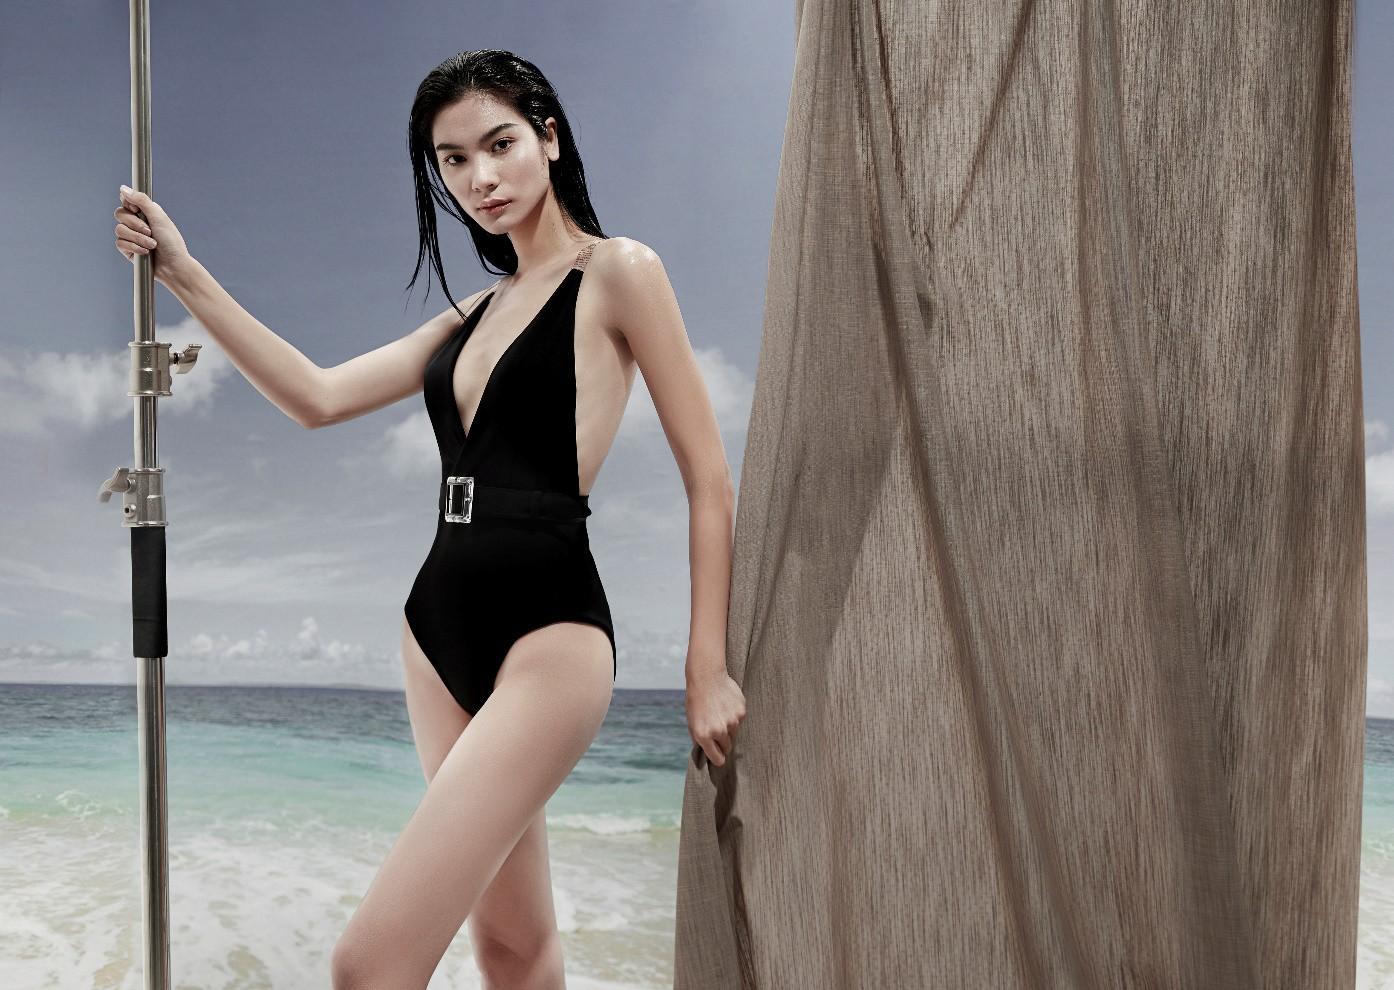 Vào hè chất ngất như Kim Dung với đồ bơi từ thương hiệu NG 3.5 - Ảnh 7.